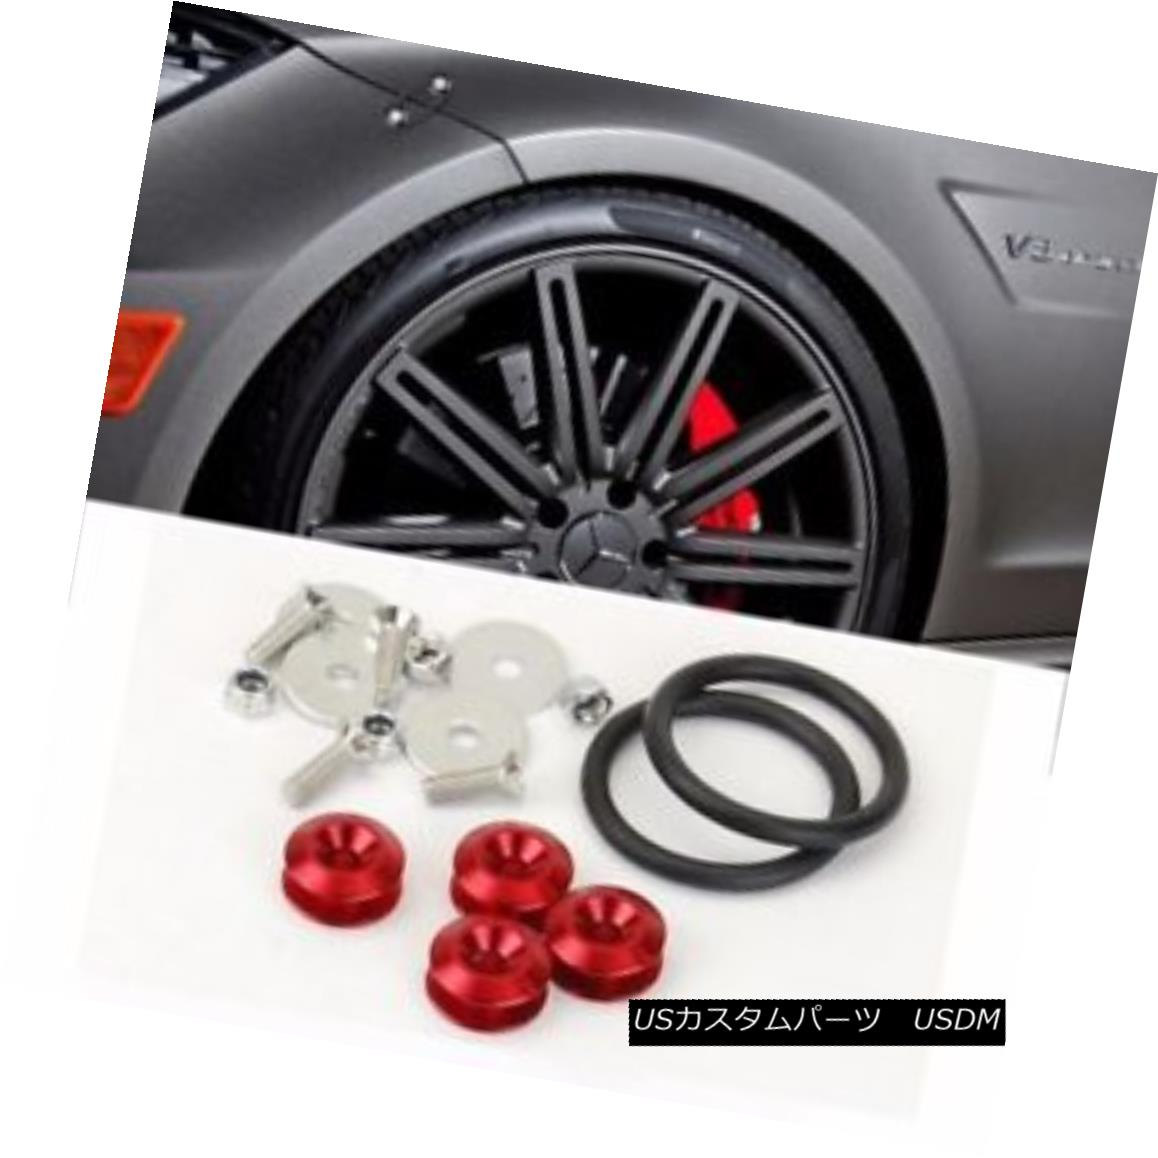 エアロパーツ Red Bolt on Fast Quick Release Secure Kit For DODGE GMC Front Rear Bumper Lip レッドボルト、ファーストクイックリリースドッジGMCフロントリアバンパーリップ用セキュアキット